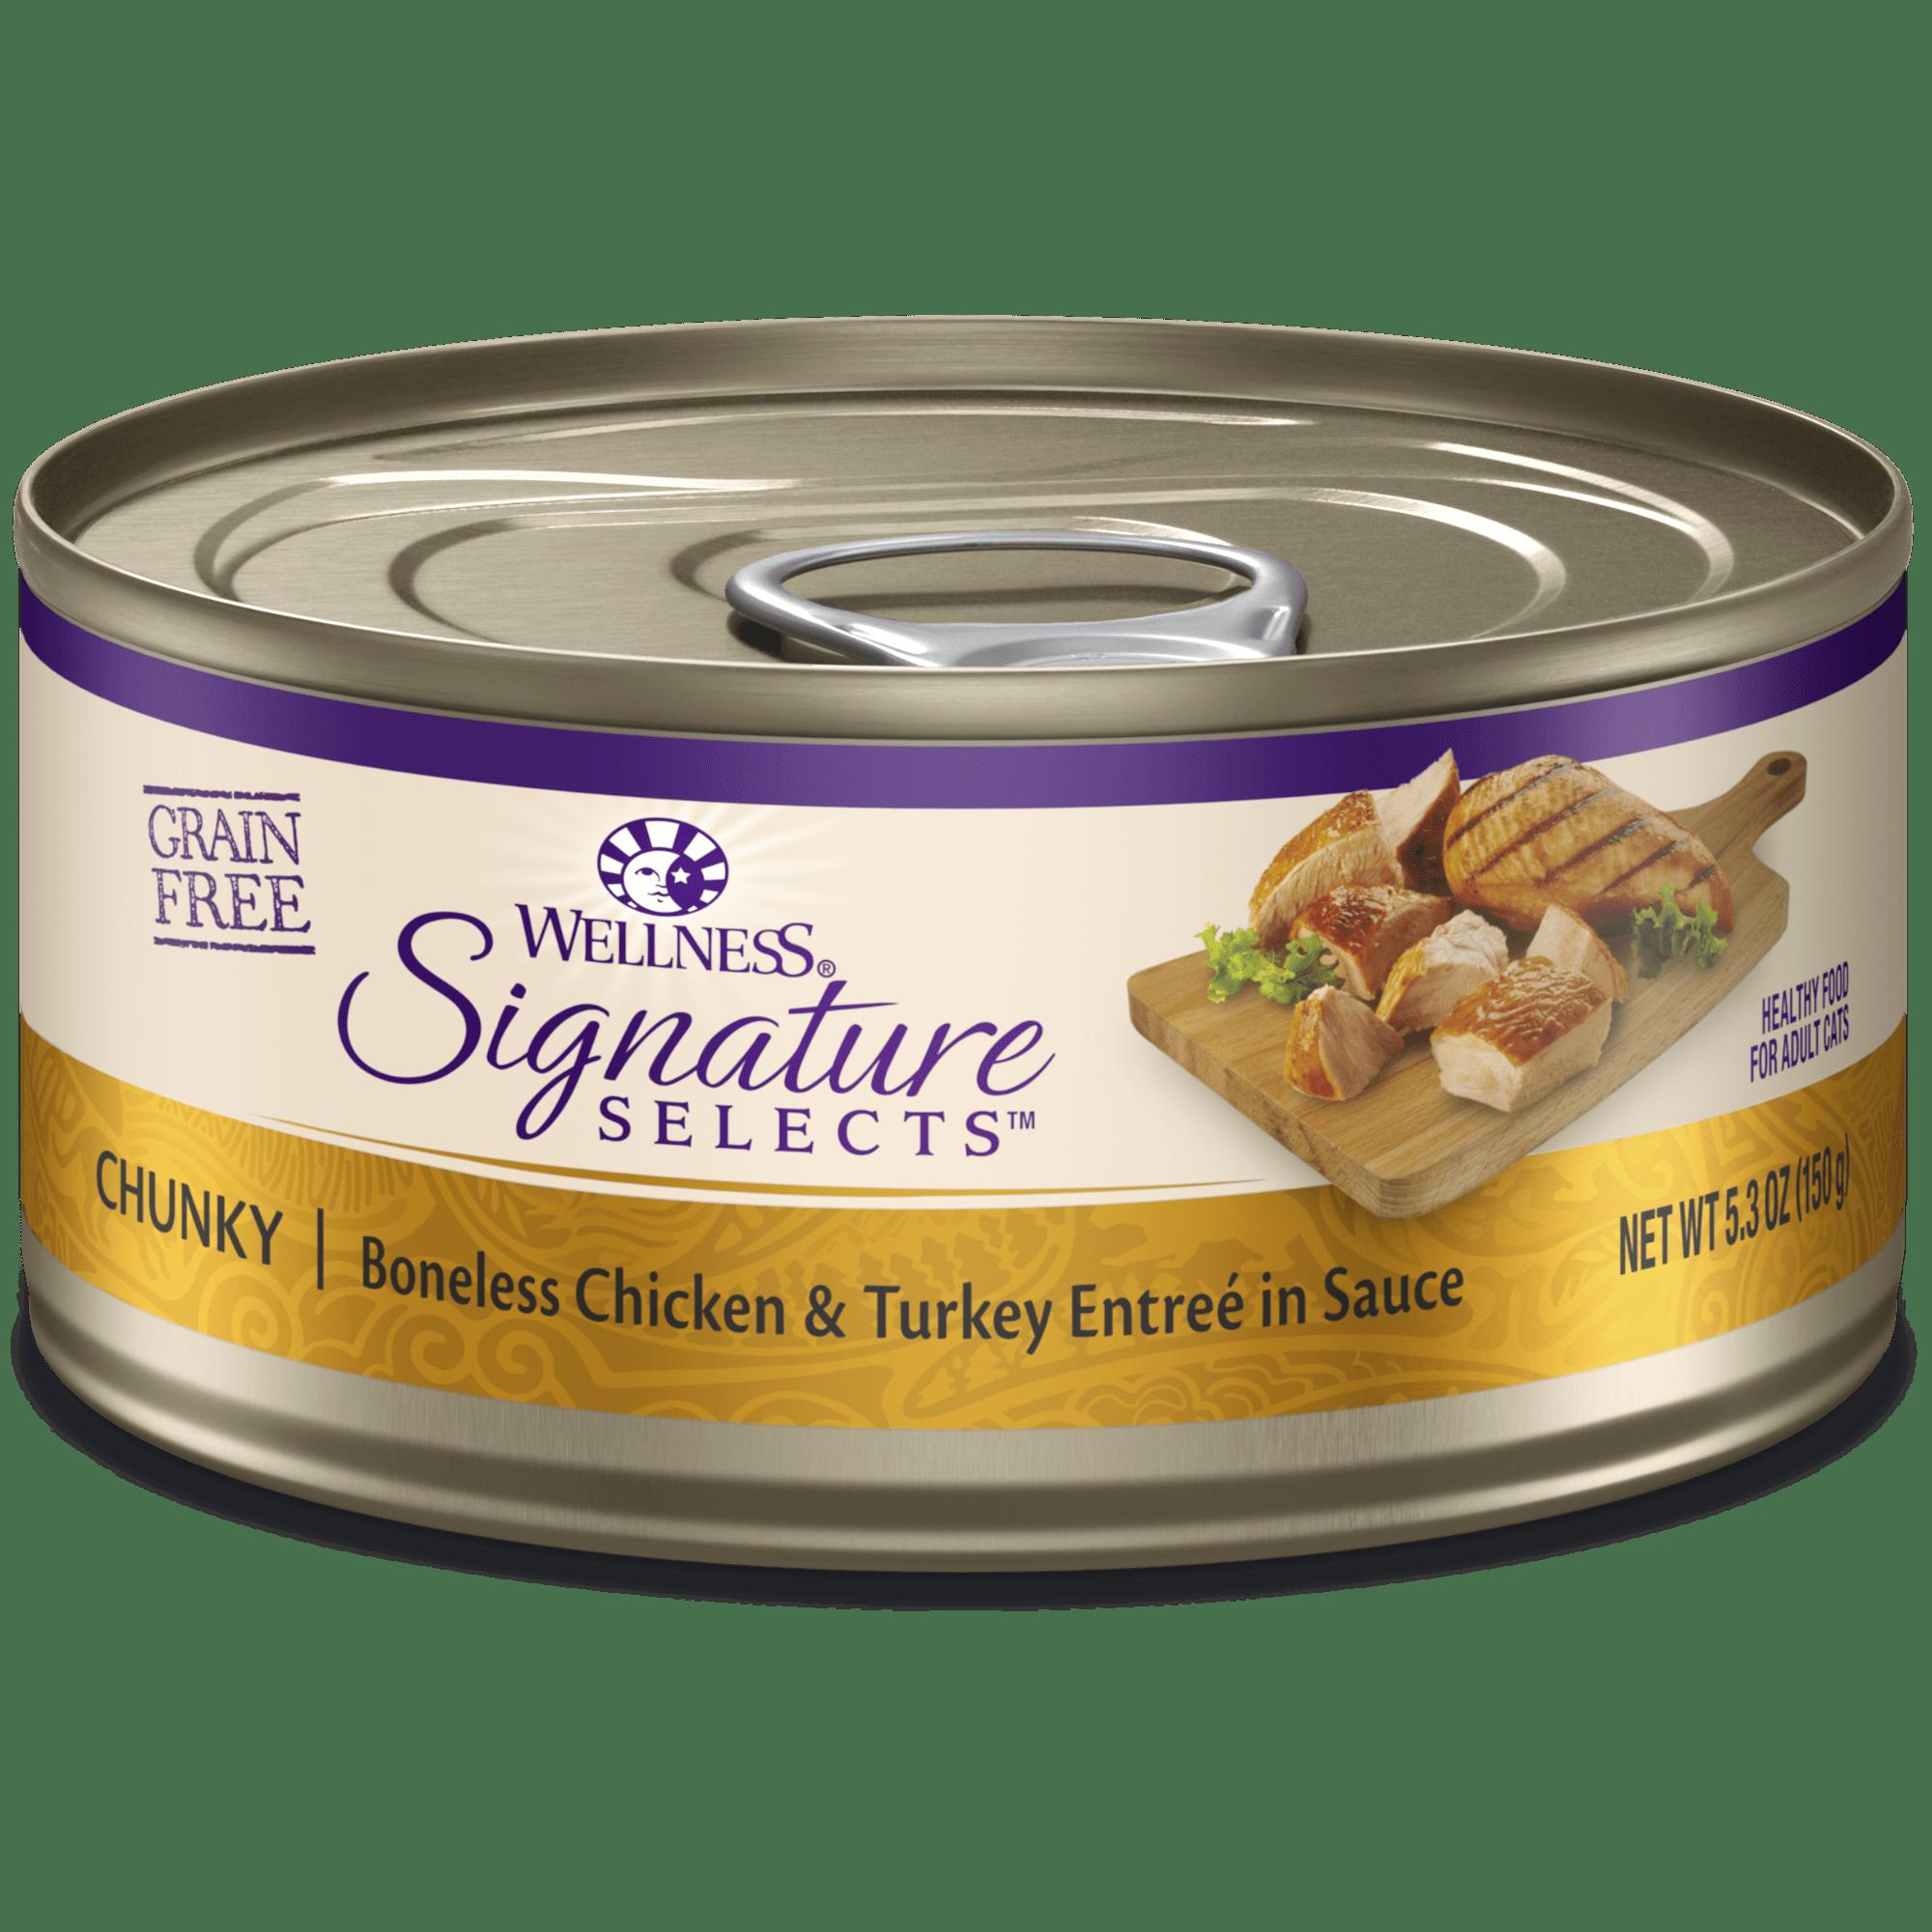 Wellness Cat Food New Formula Change